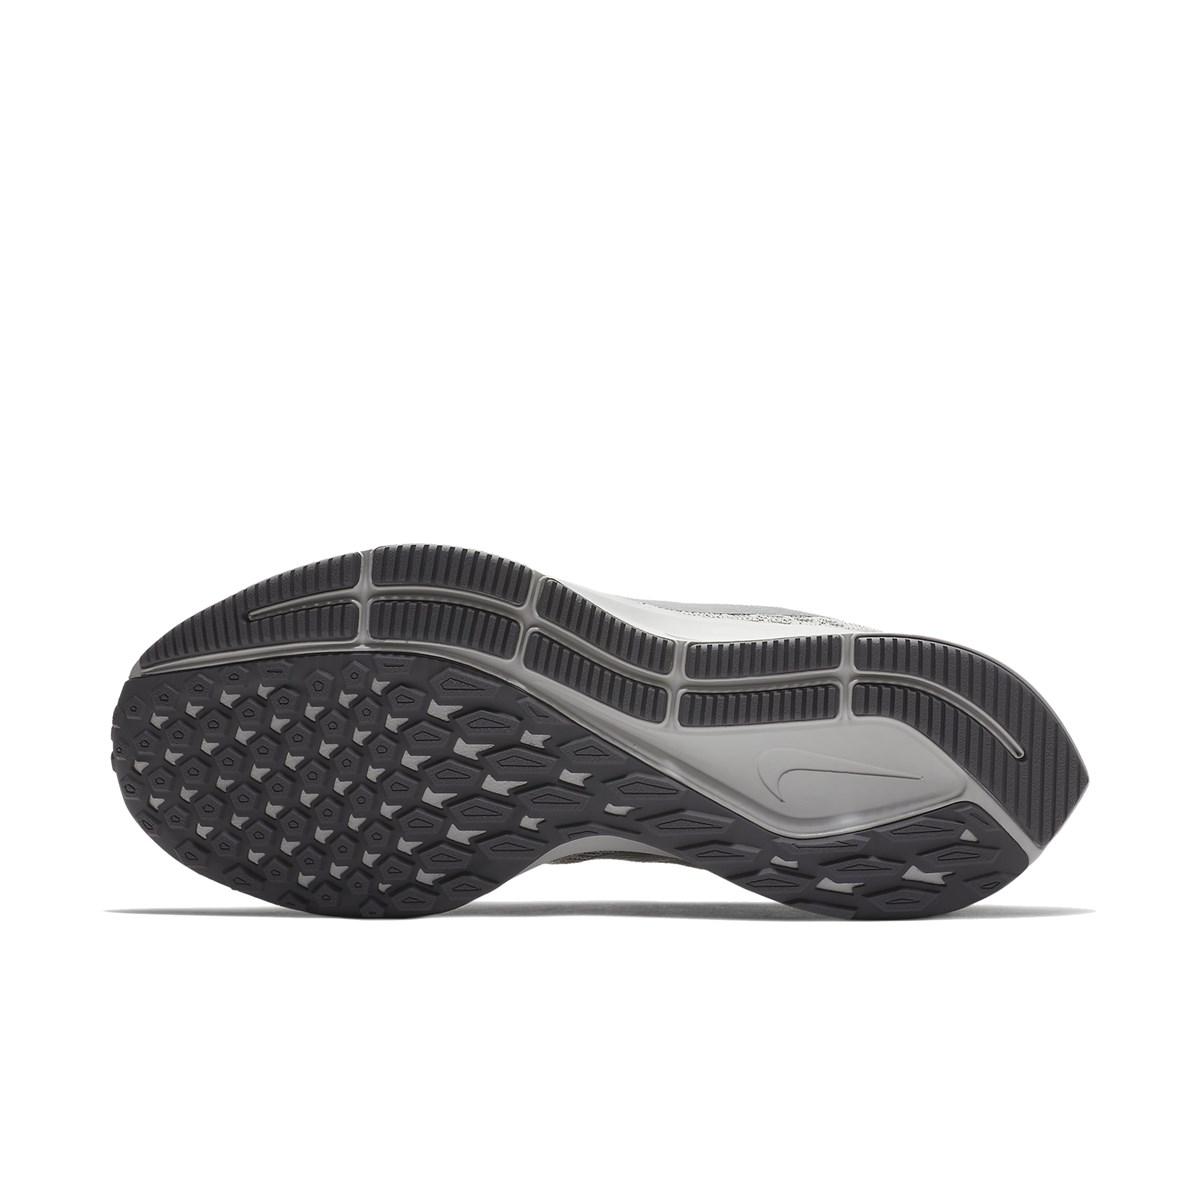 Air Zoom Pegasus 35 Kadın Gri Koşu Ayakkabısı (942855-004)